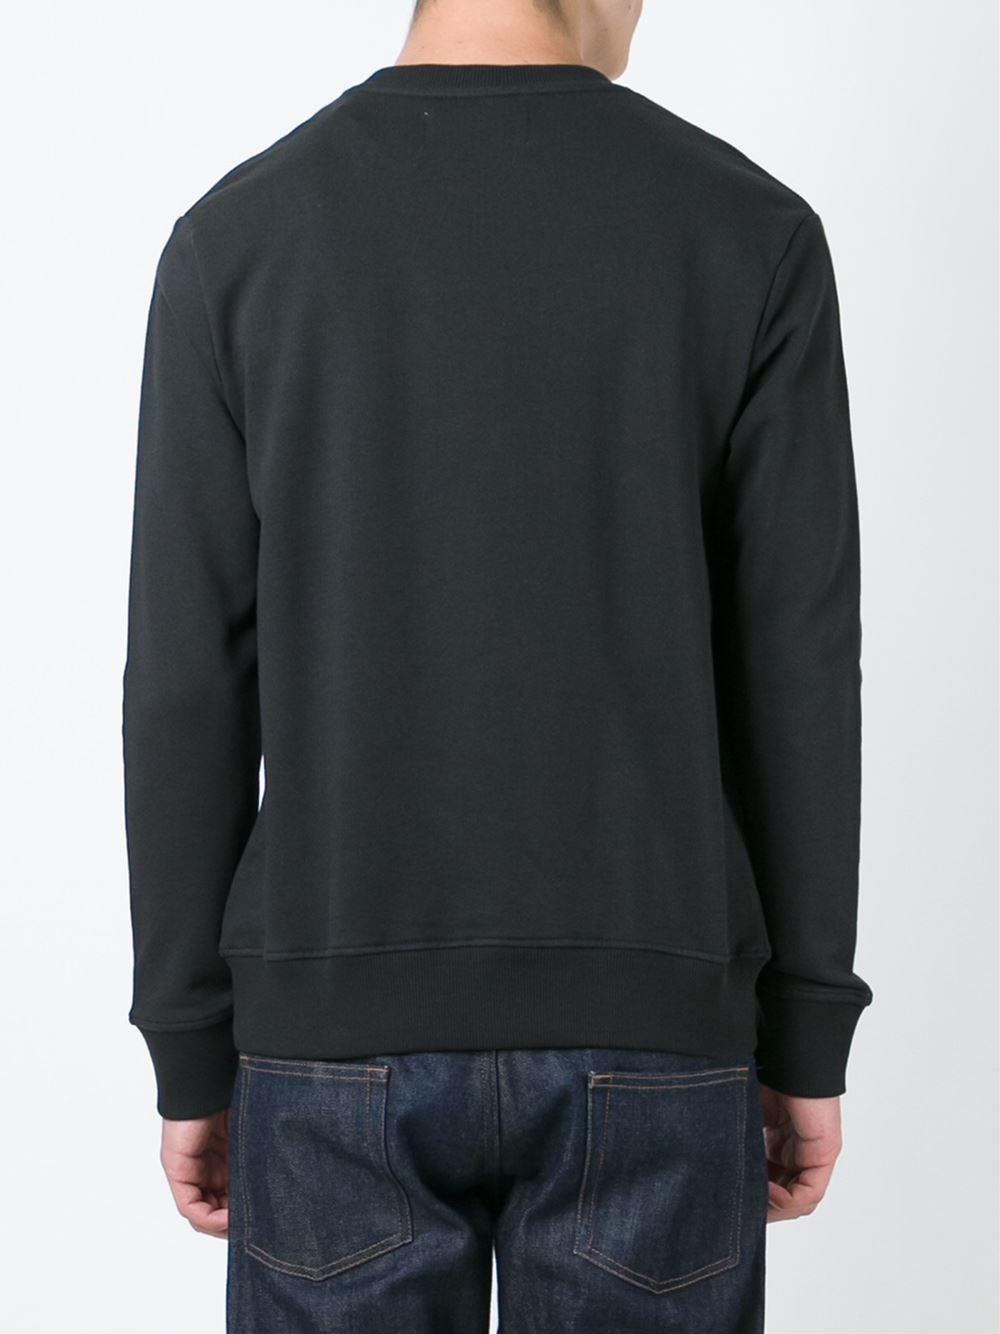 calvin klein jeans logo print sweatshirt in black for men. Black Bedroom Furniture Sets. Home Design Ideas